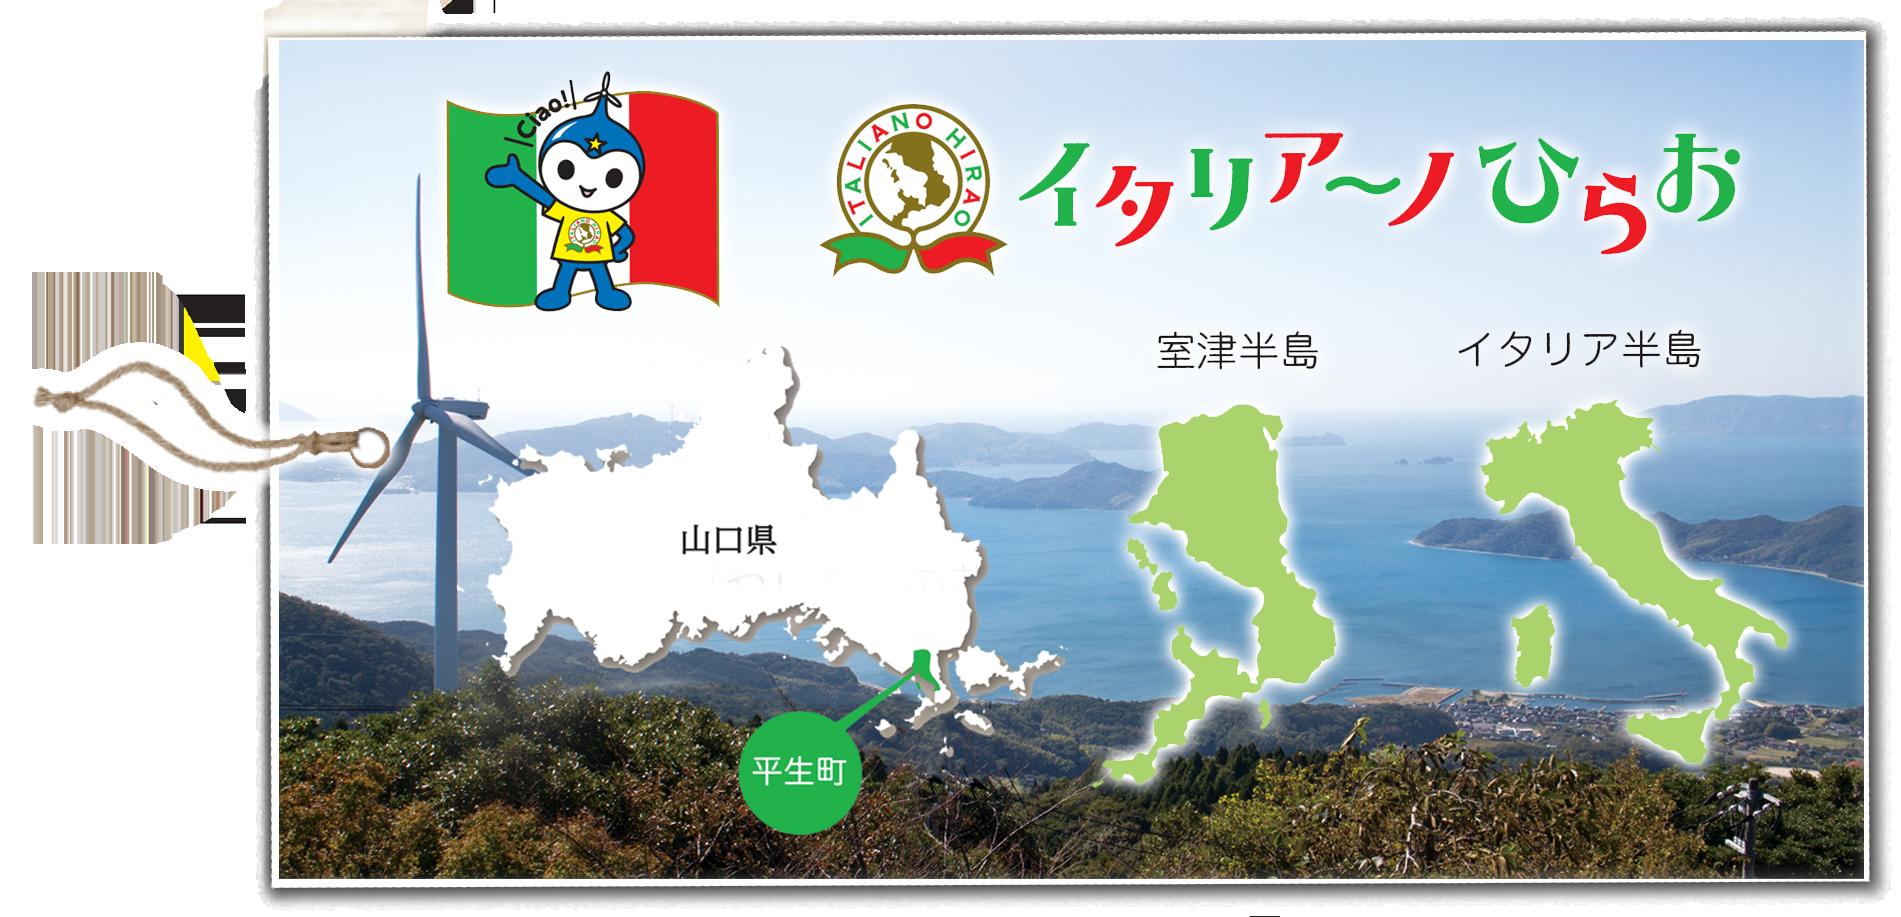 平生町の移住 定住支援策 広島市公式ホームページ